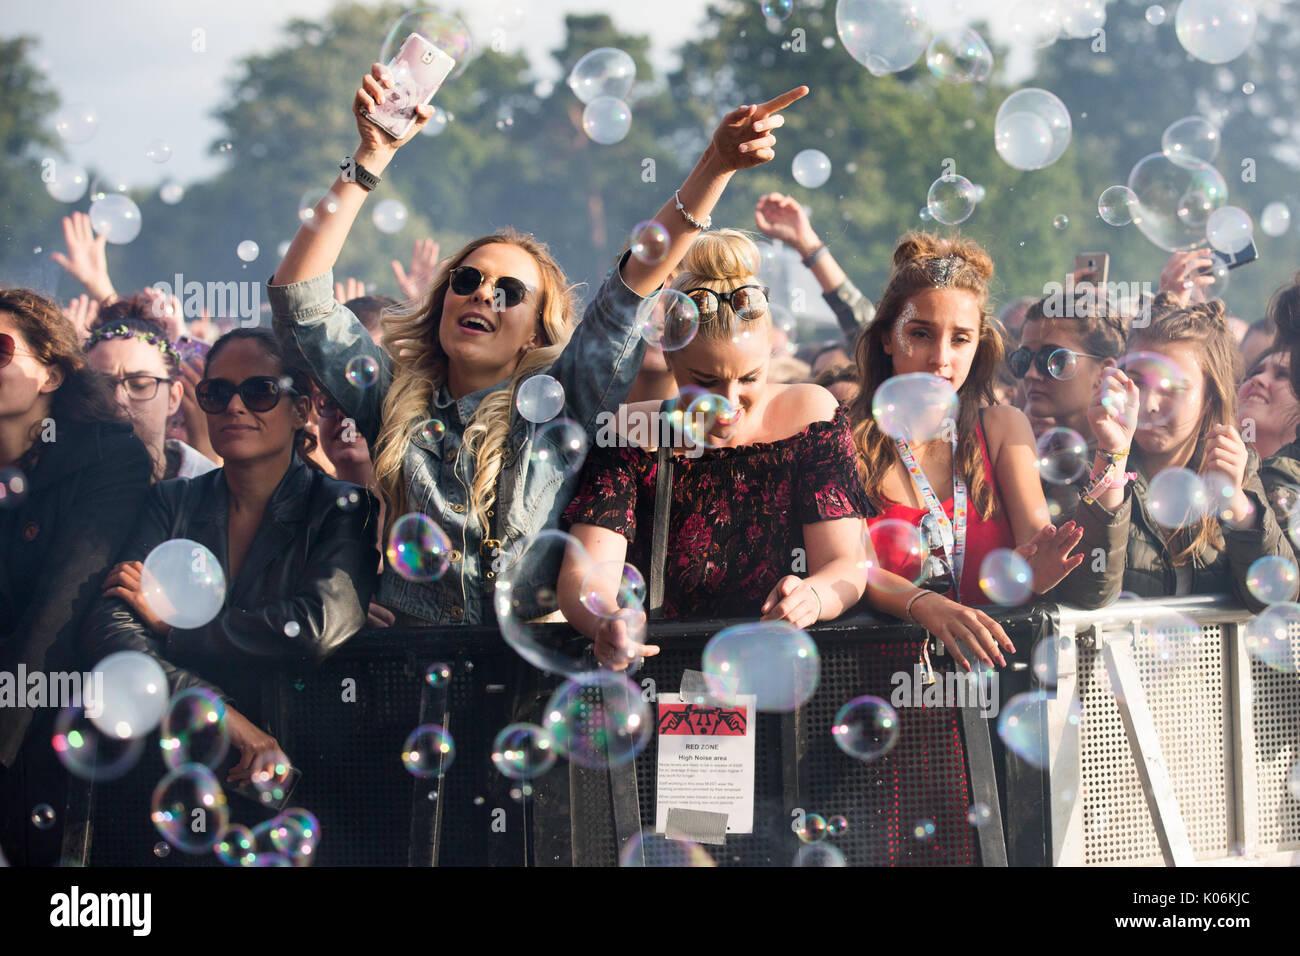 Musik Fans im Hylands Park, Chelmsford, Essex am Sonntag, August an diesen Jahren V Festival 20. Stockbild